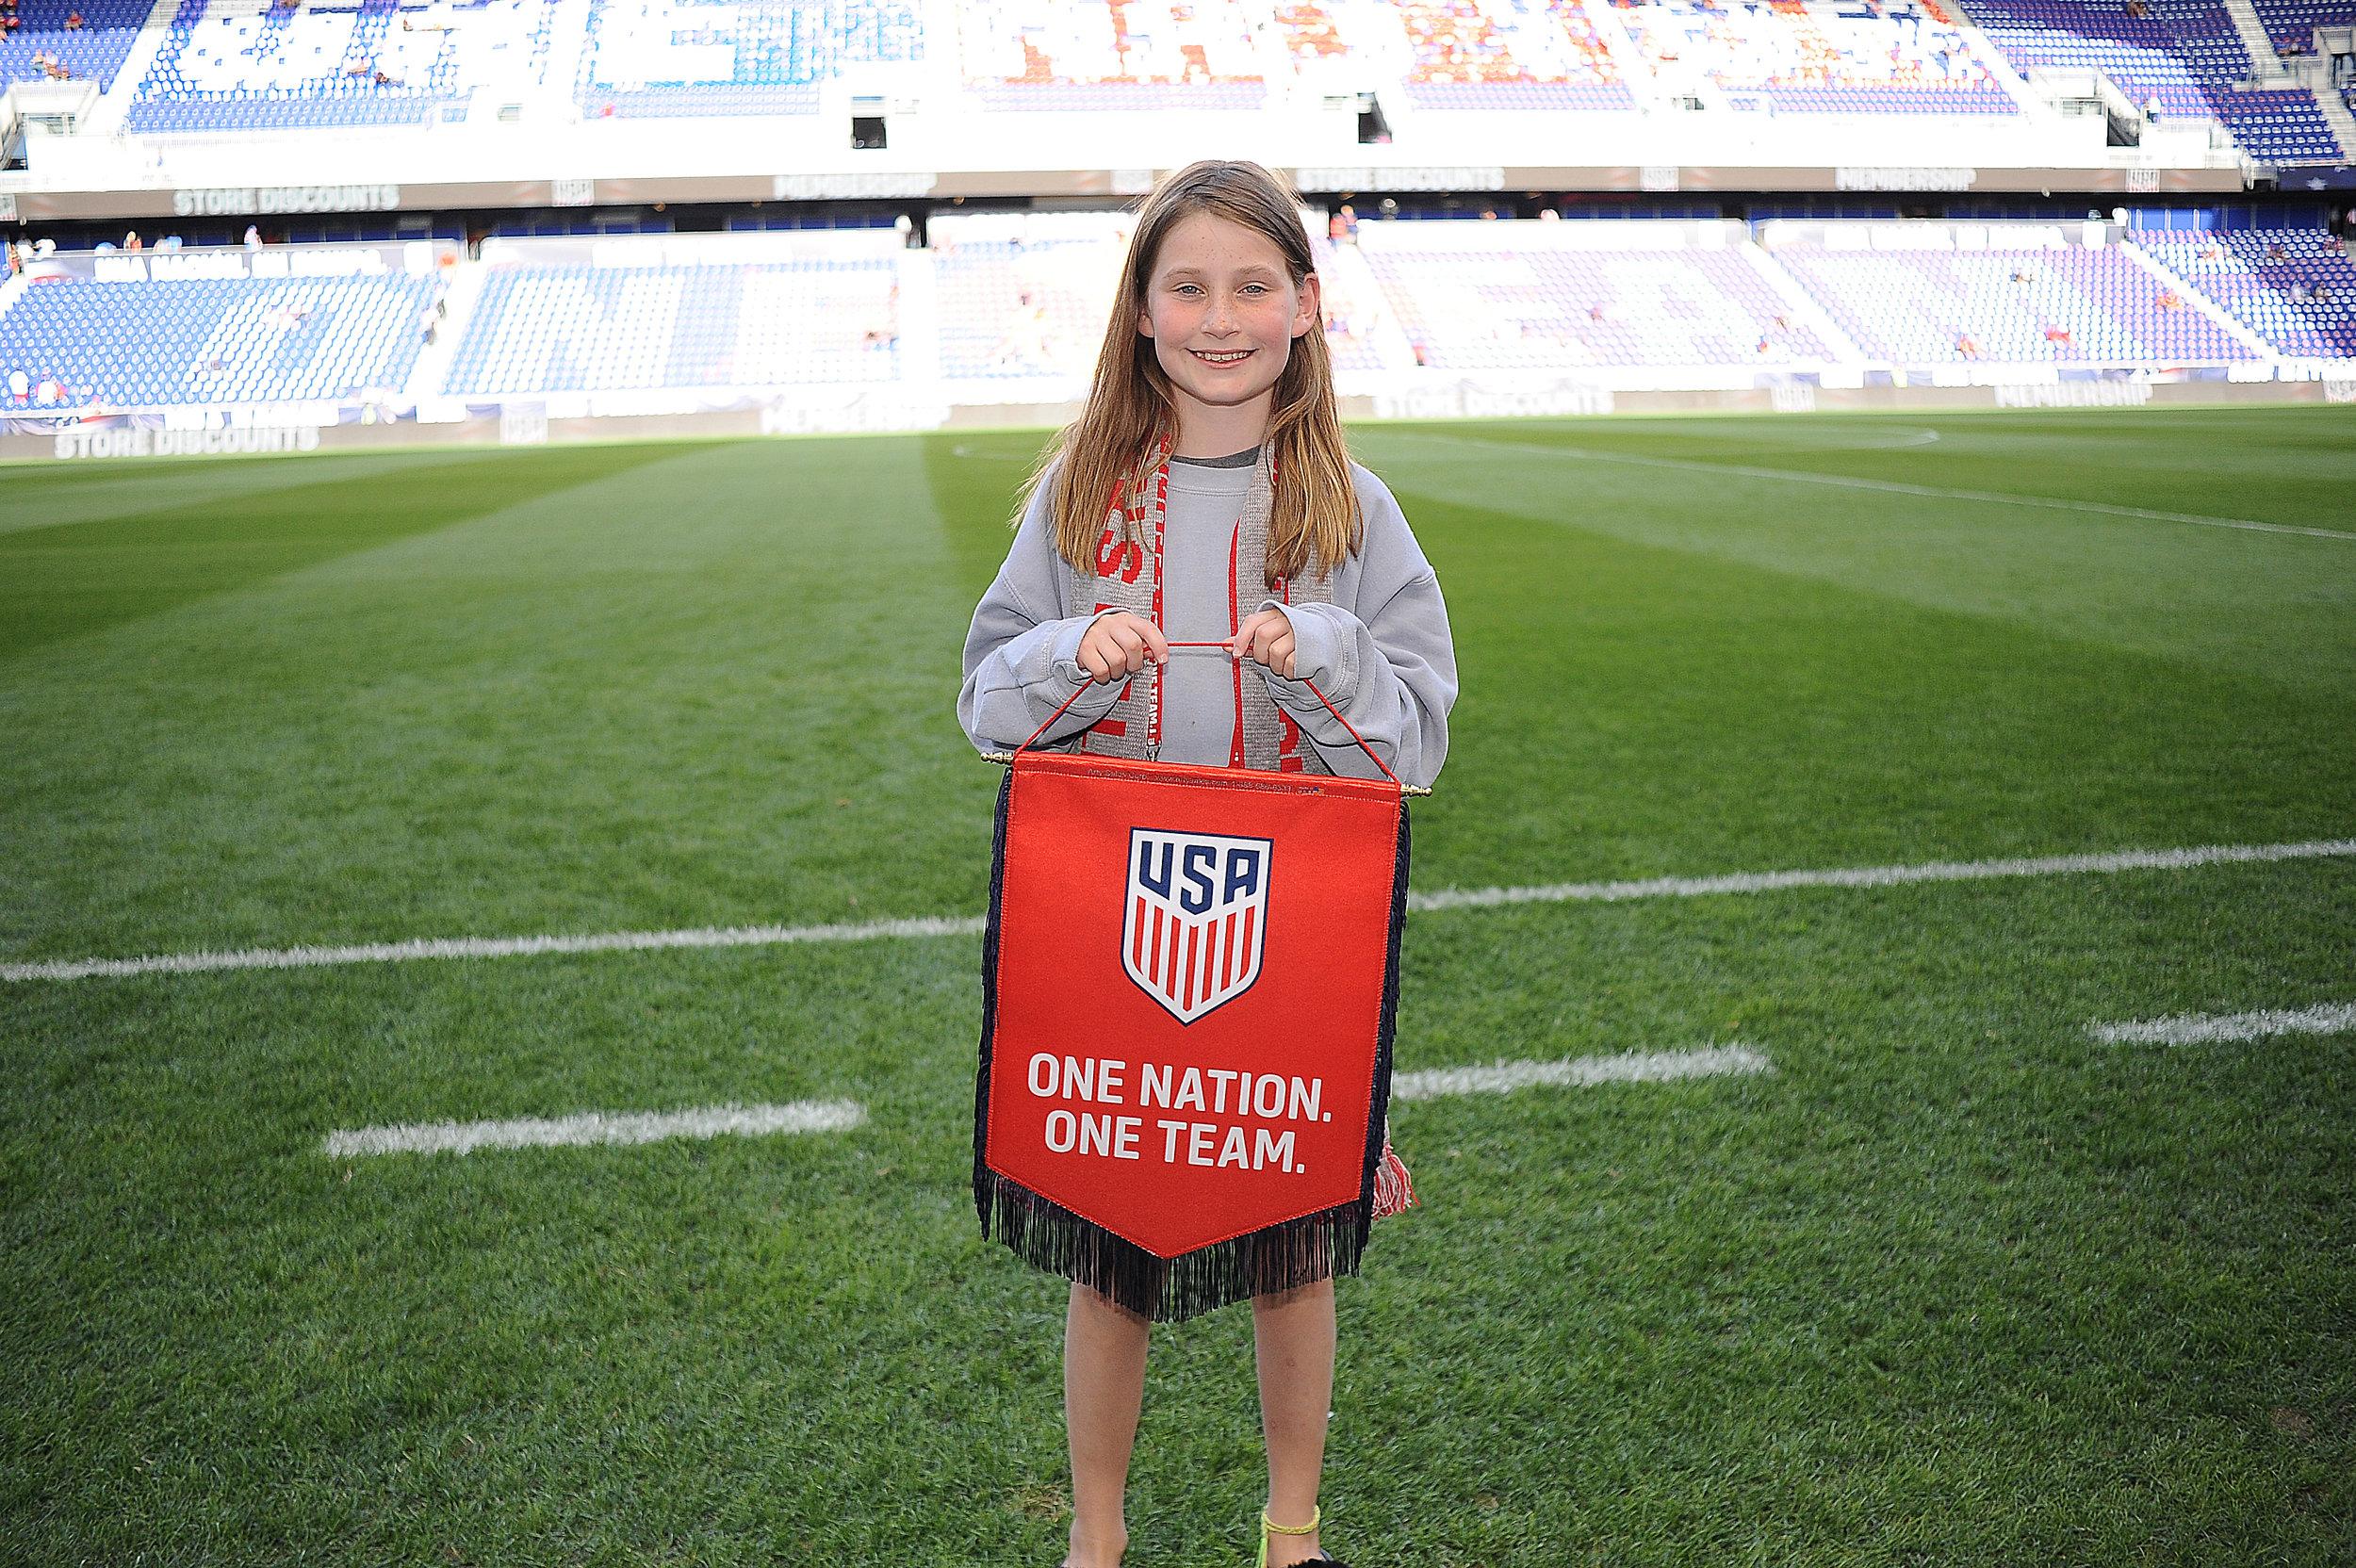 us_soccer_images_011.jpg